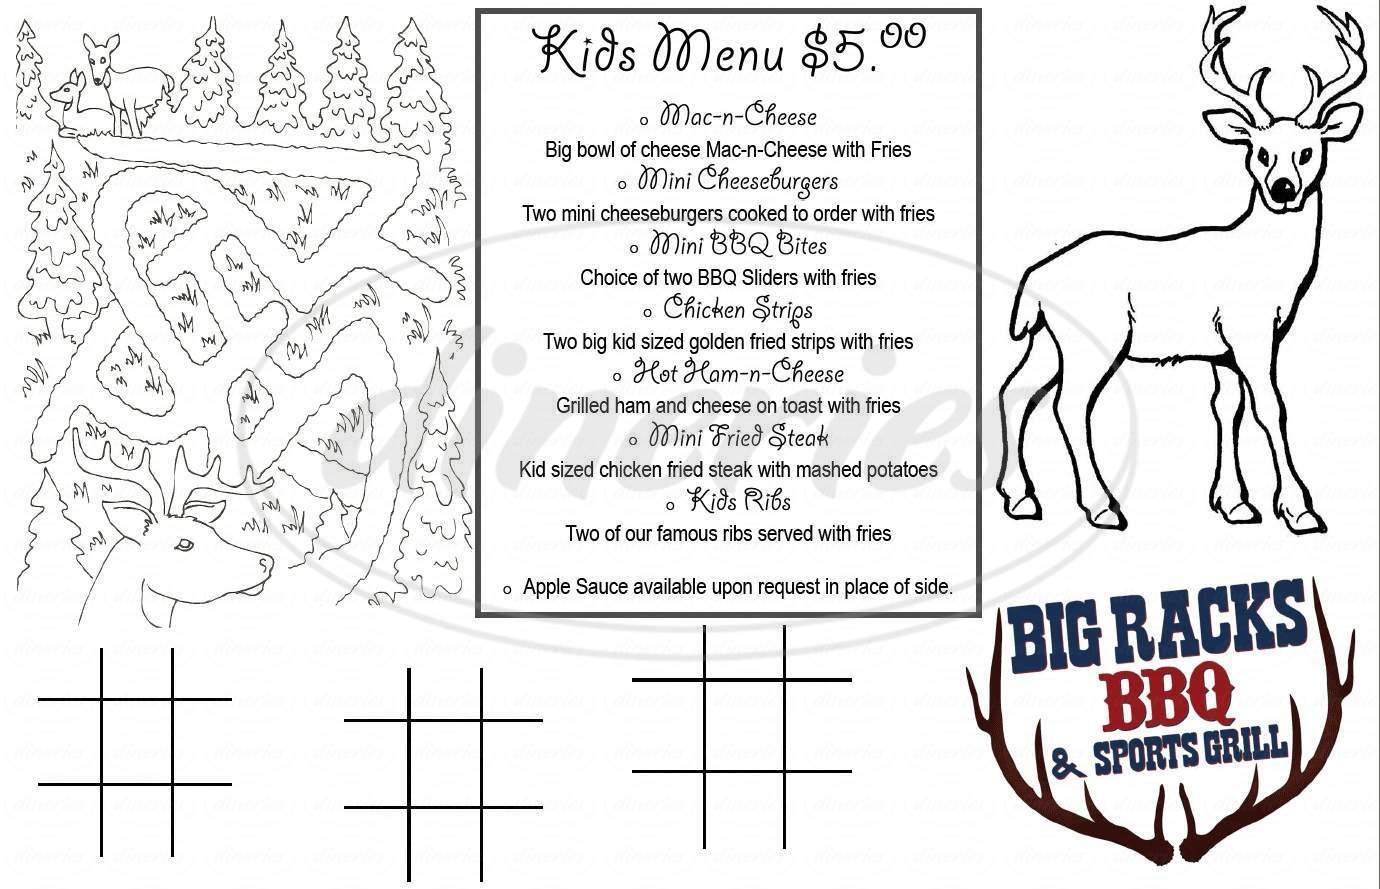 menu for Big Racks BBQ & Sports Grill